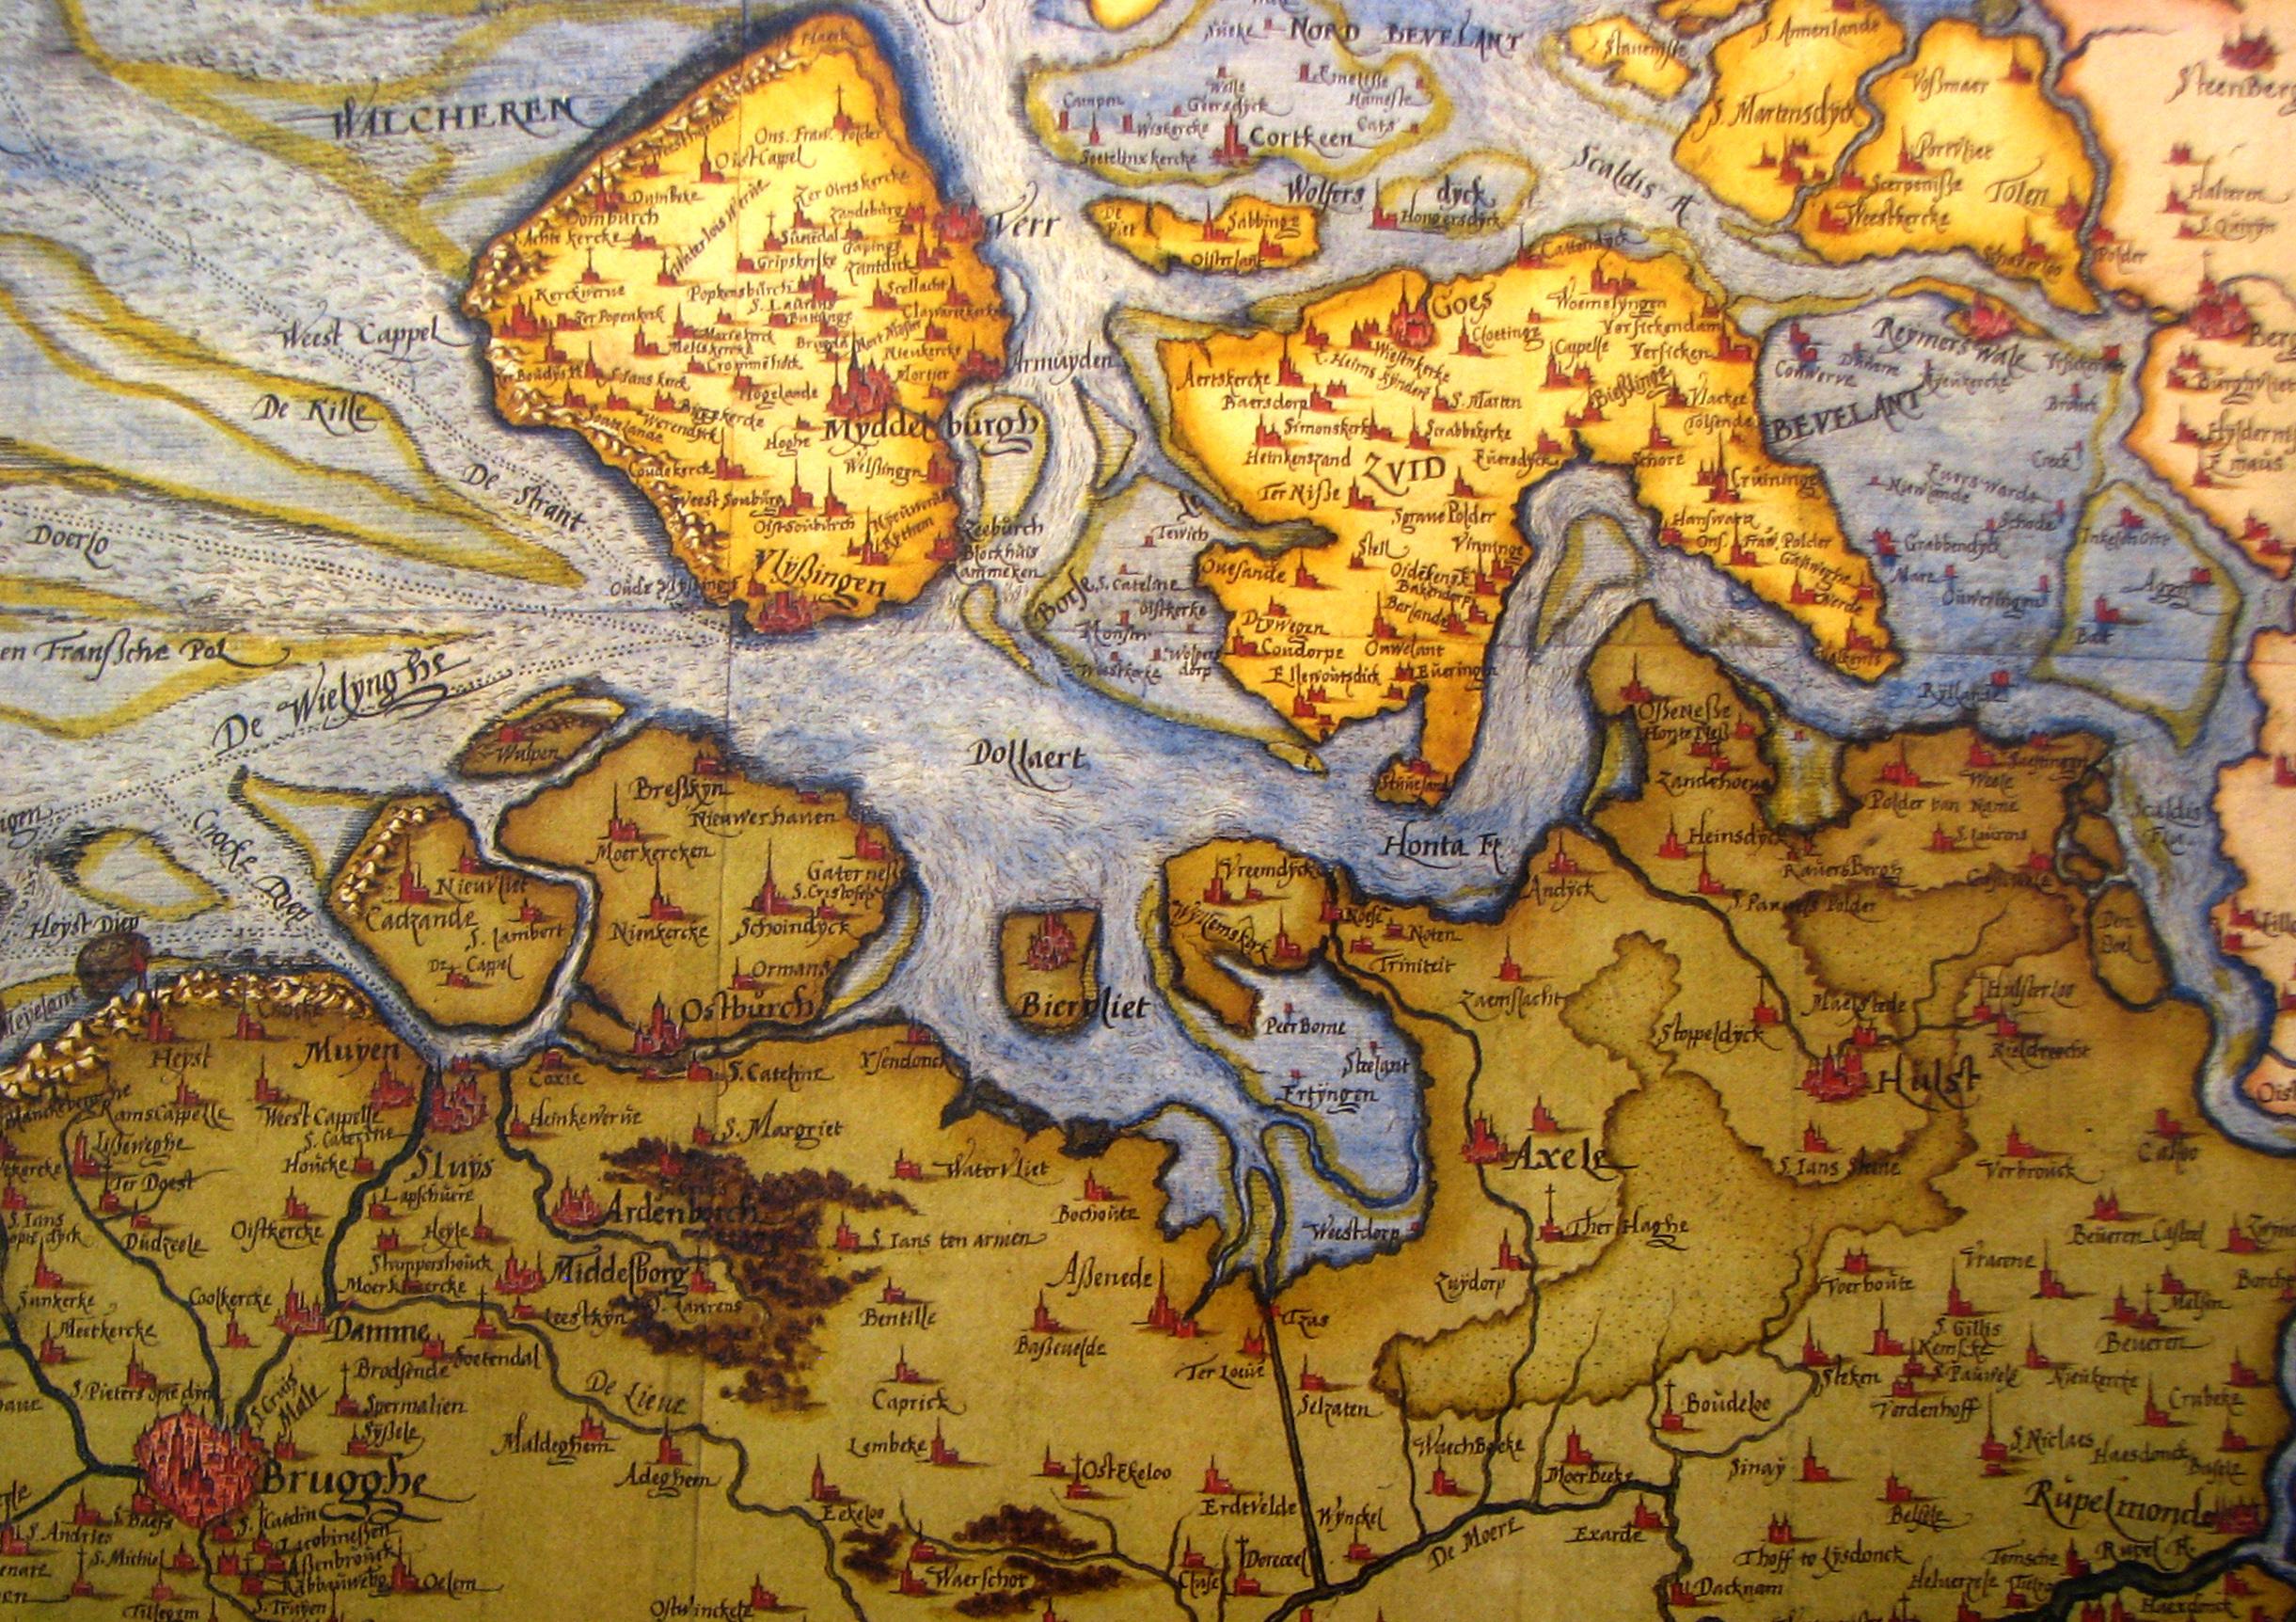 Kaart van Christian Sgrooten met weergave van Noord-Vlaanderen en het zuiden van Zeeland tussen 1545 en 1547 (figuur Meurer 2007, kaart 8).